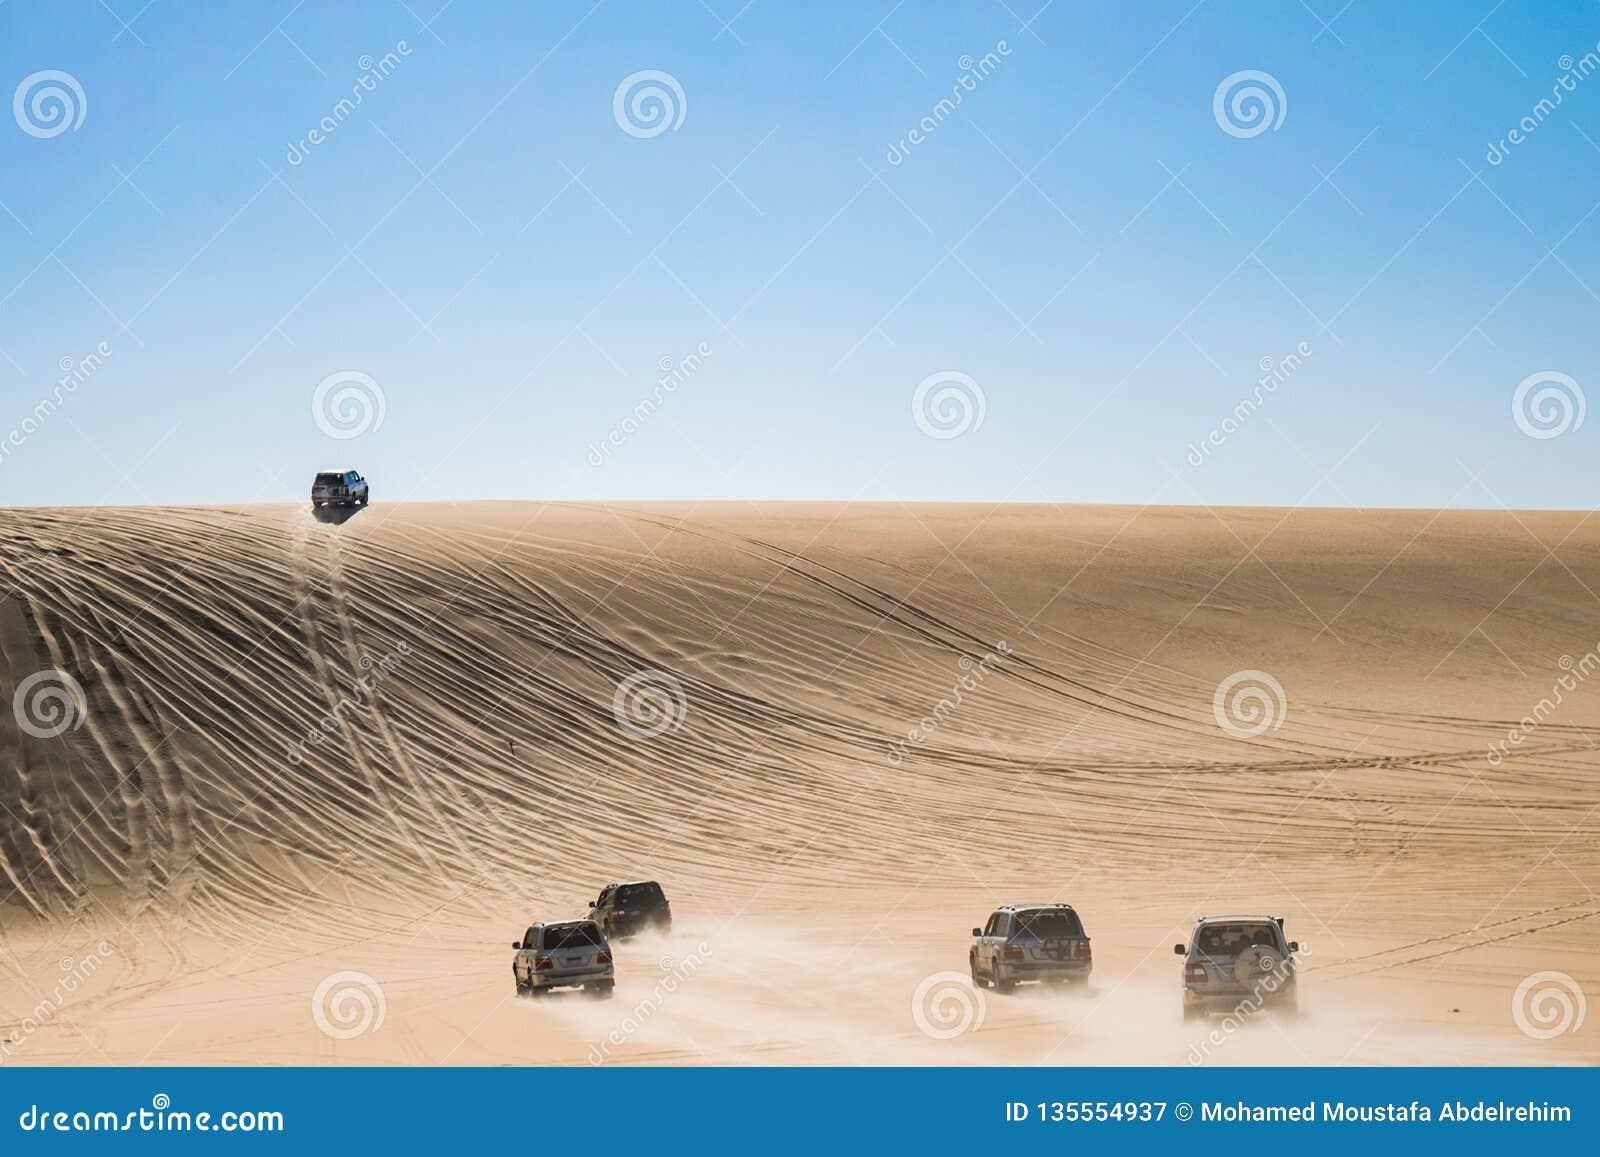 Viagem do safari no deserto de Siwa, Egito